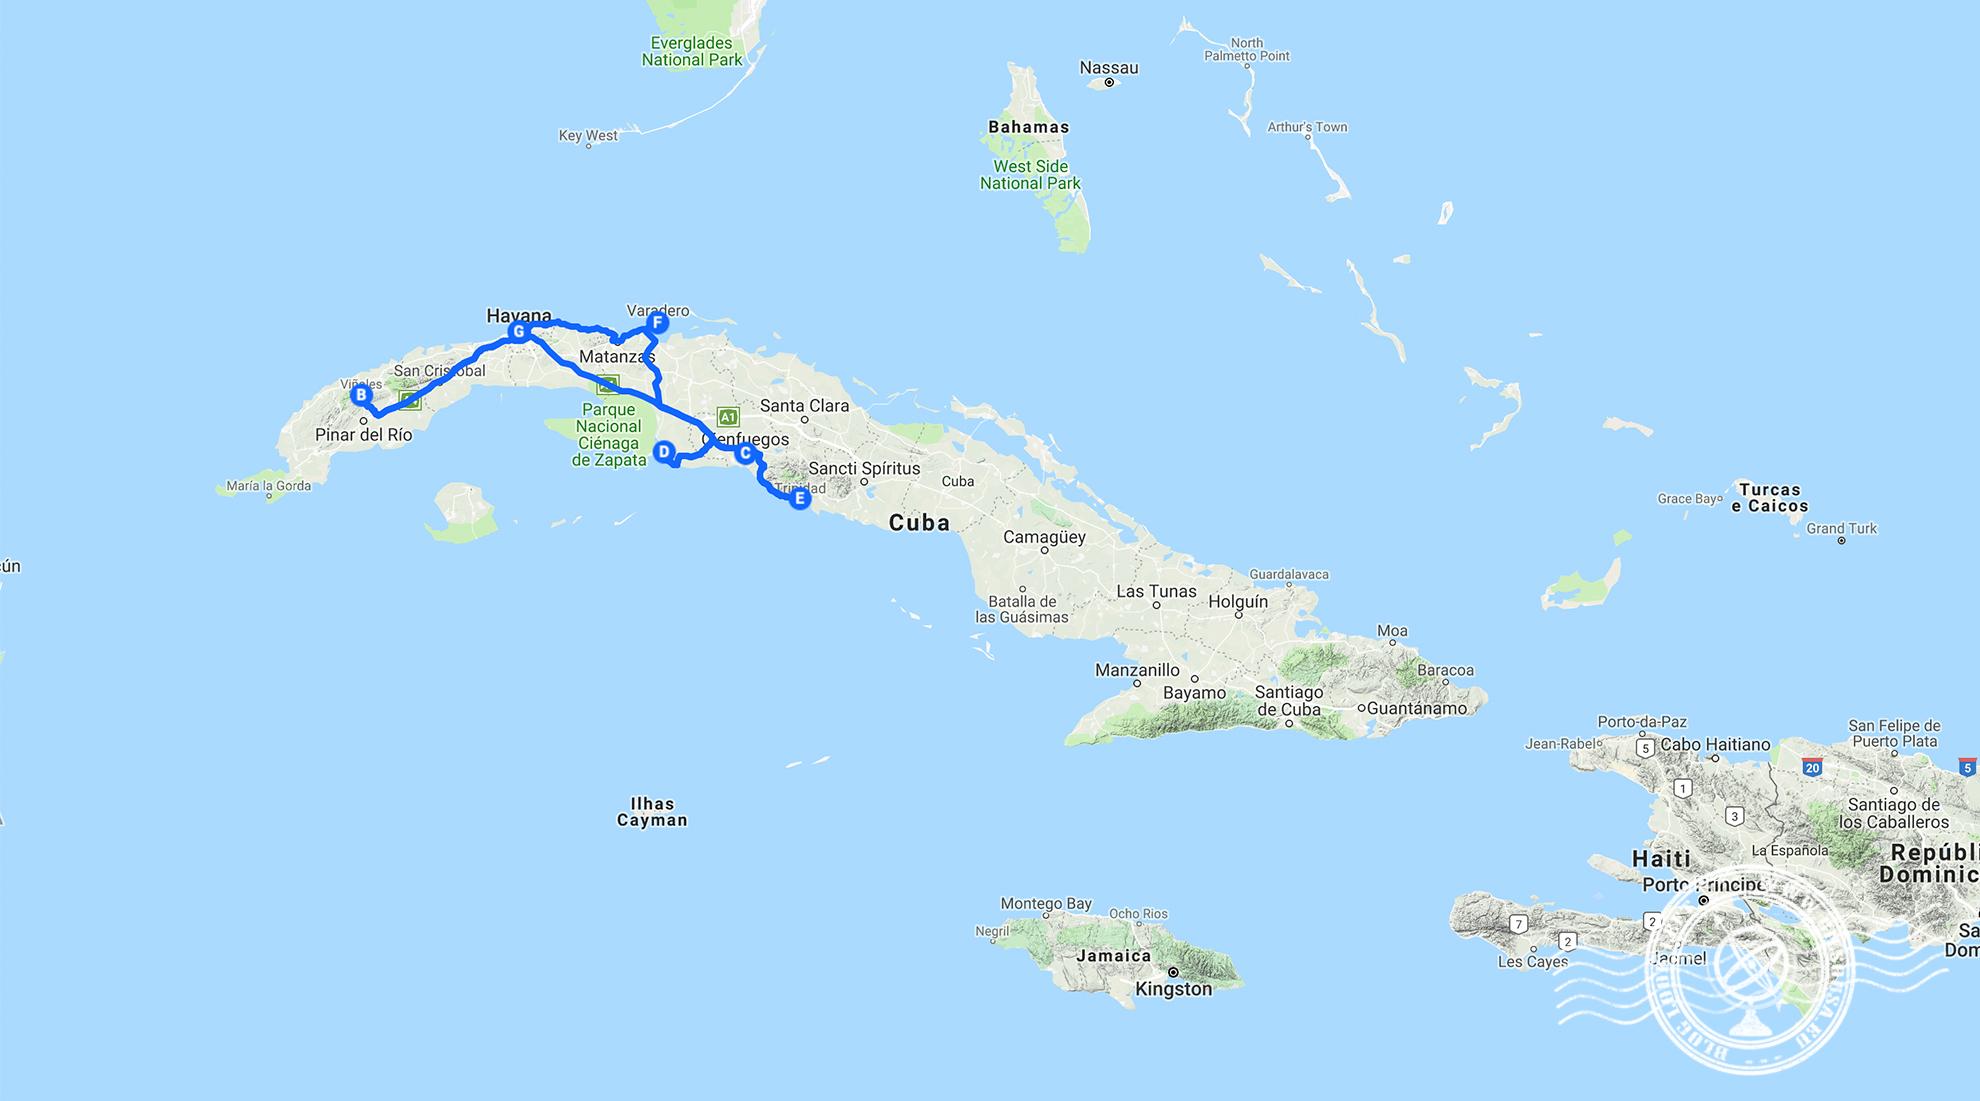 Rota da viagem a Cuba